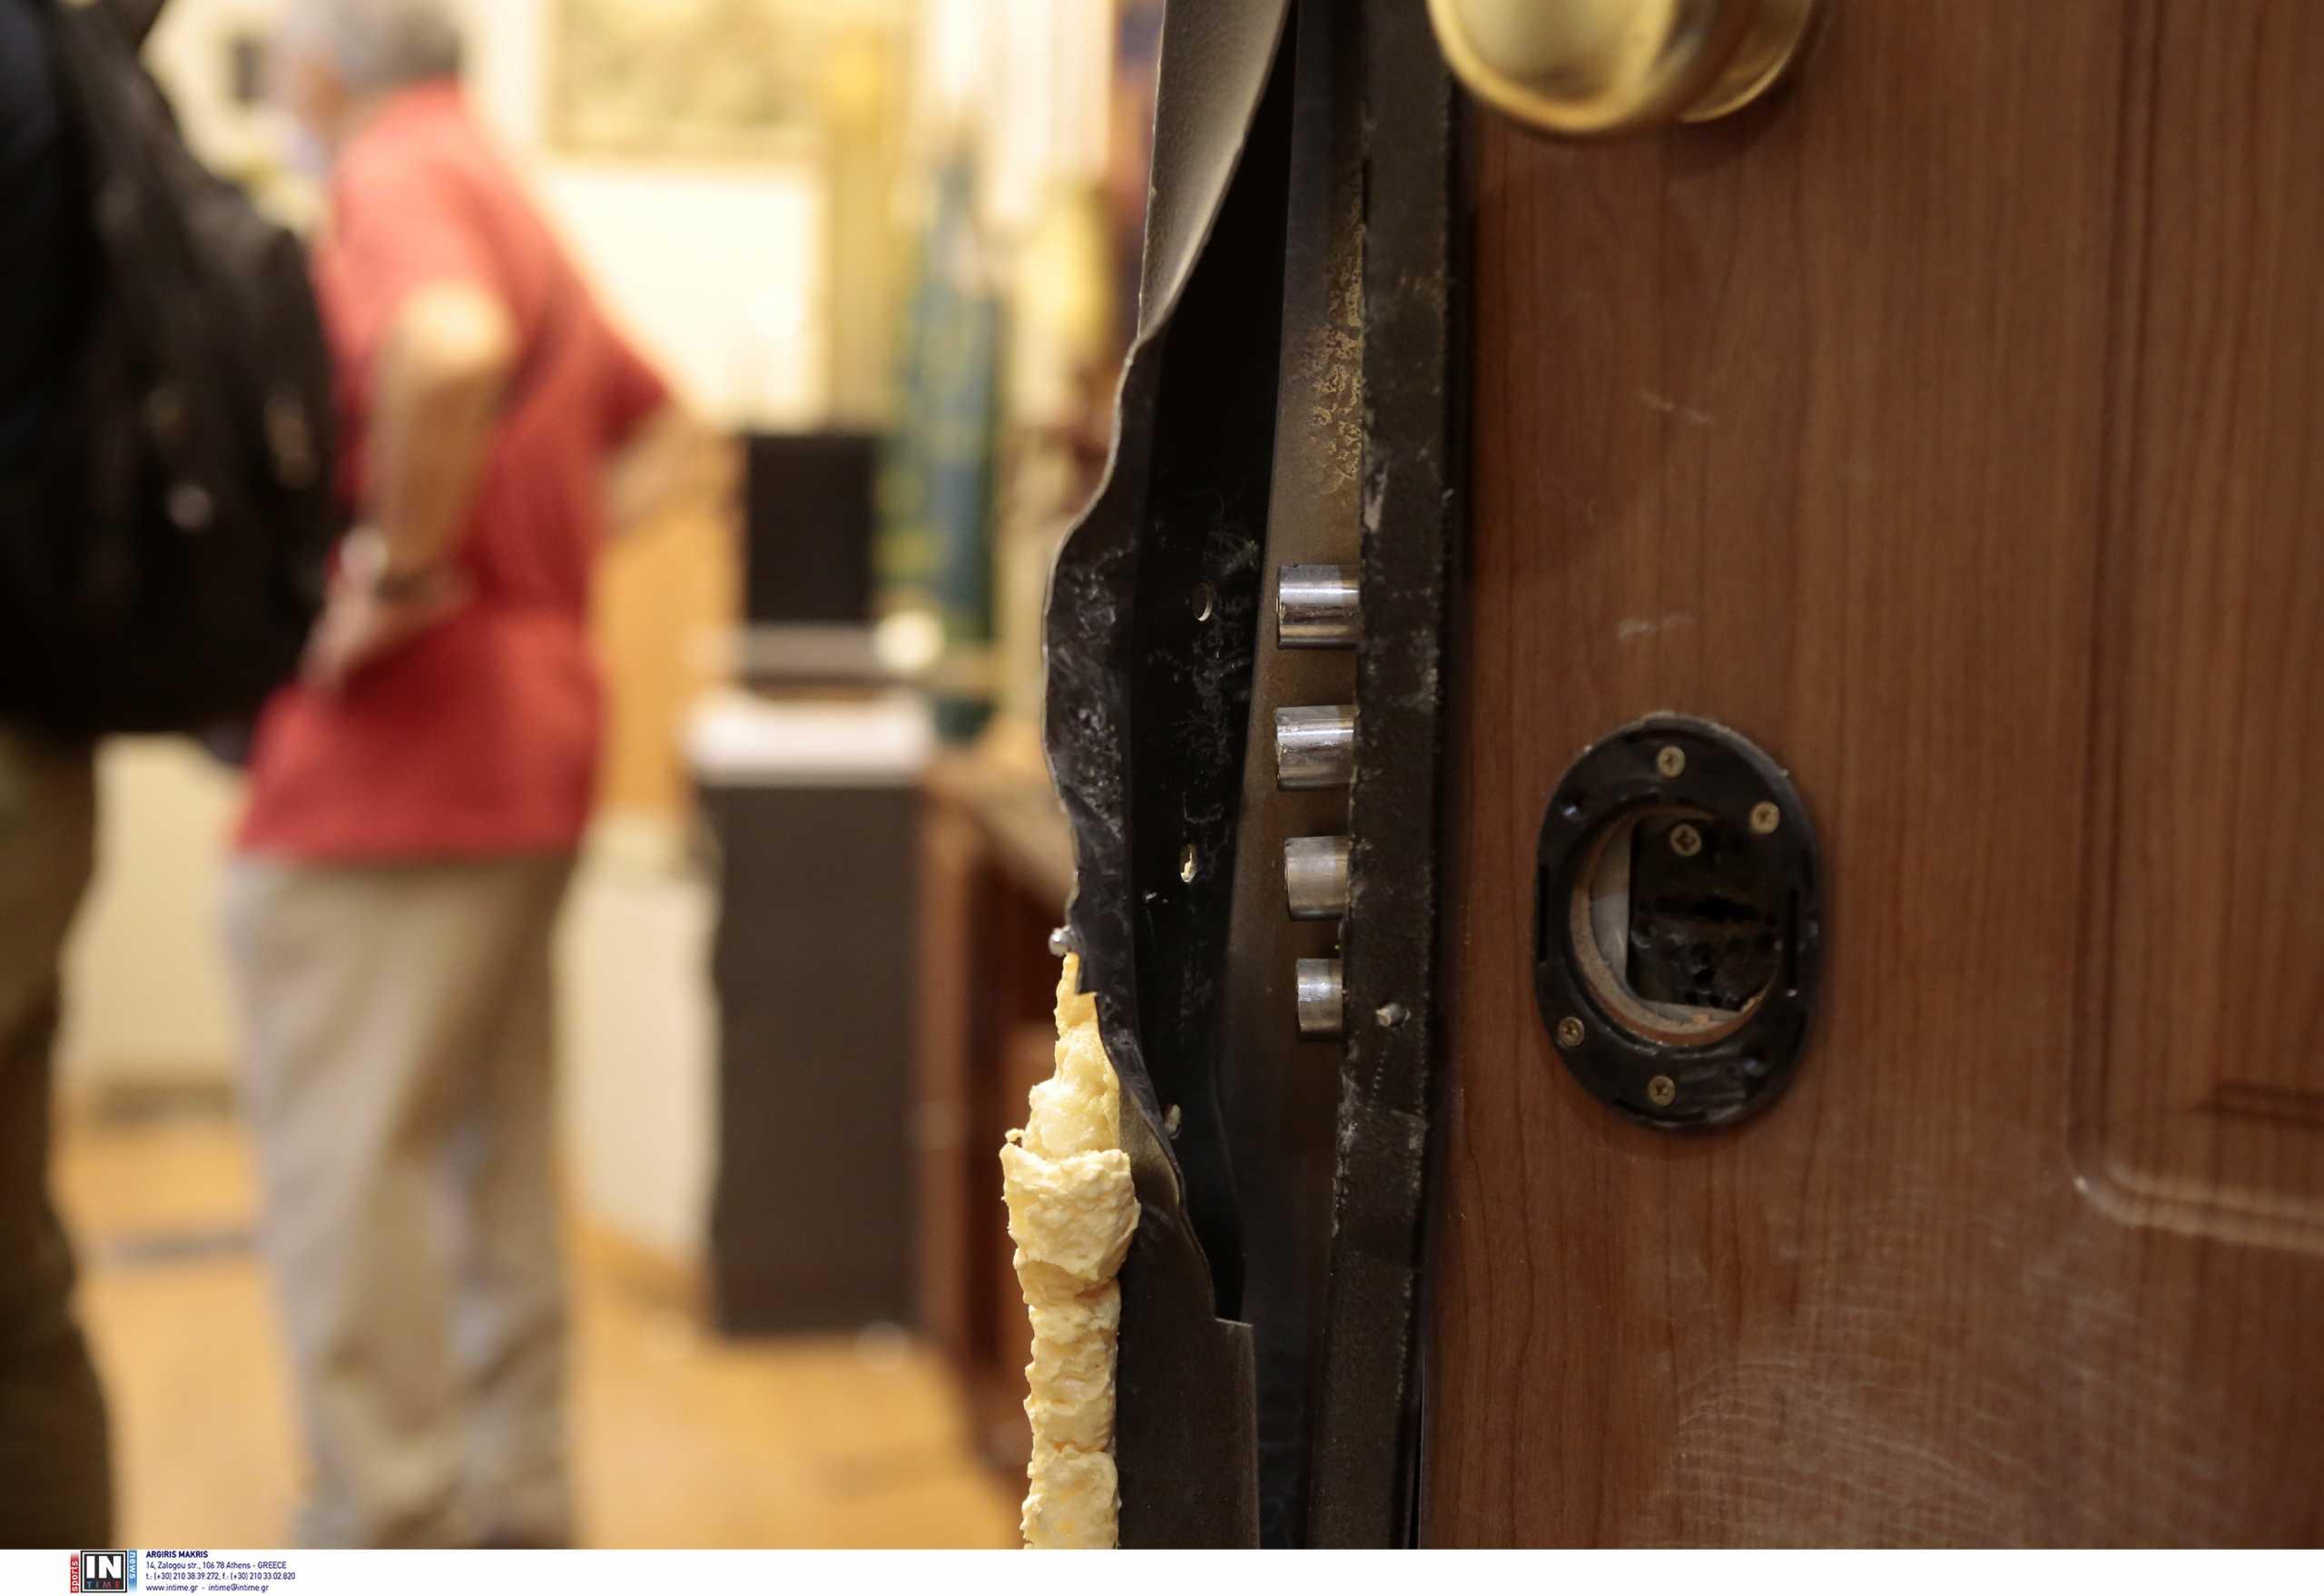 Καθηλώνει η δραματική ιστορία πίσω από τη διάρρηξη στο γραφείο του Ευκλείδη Τσακαλώτου